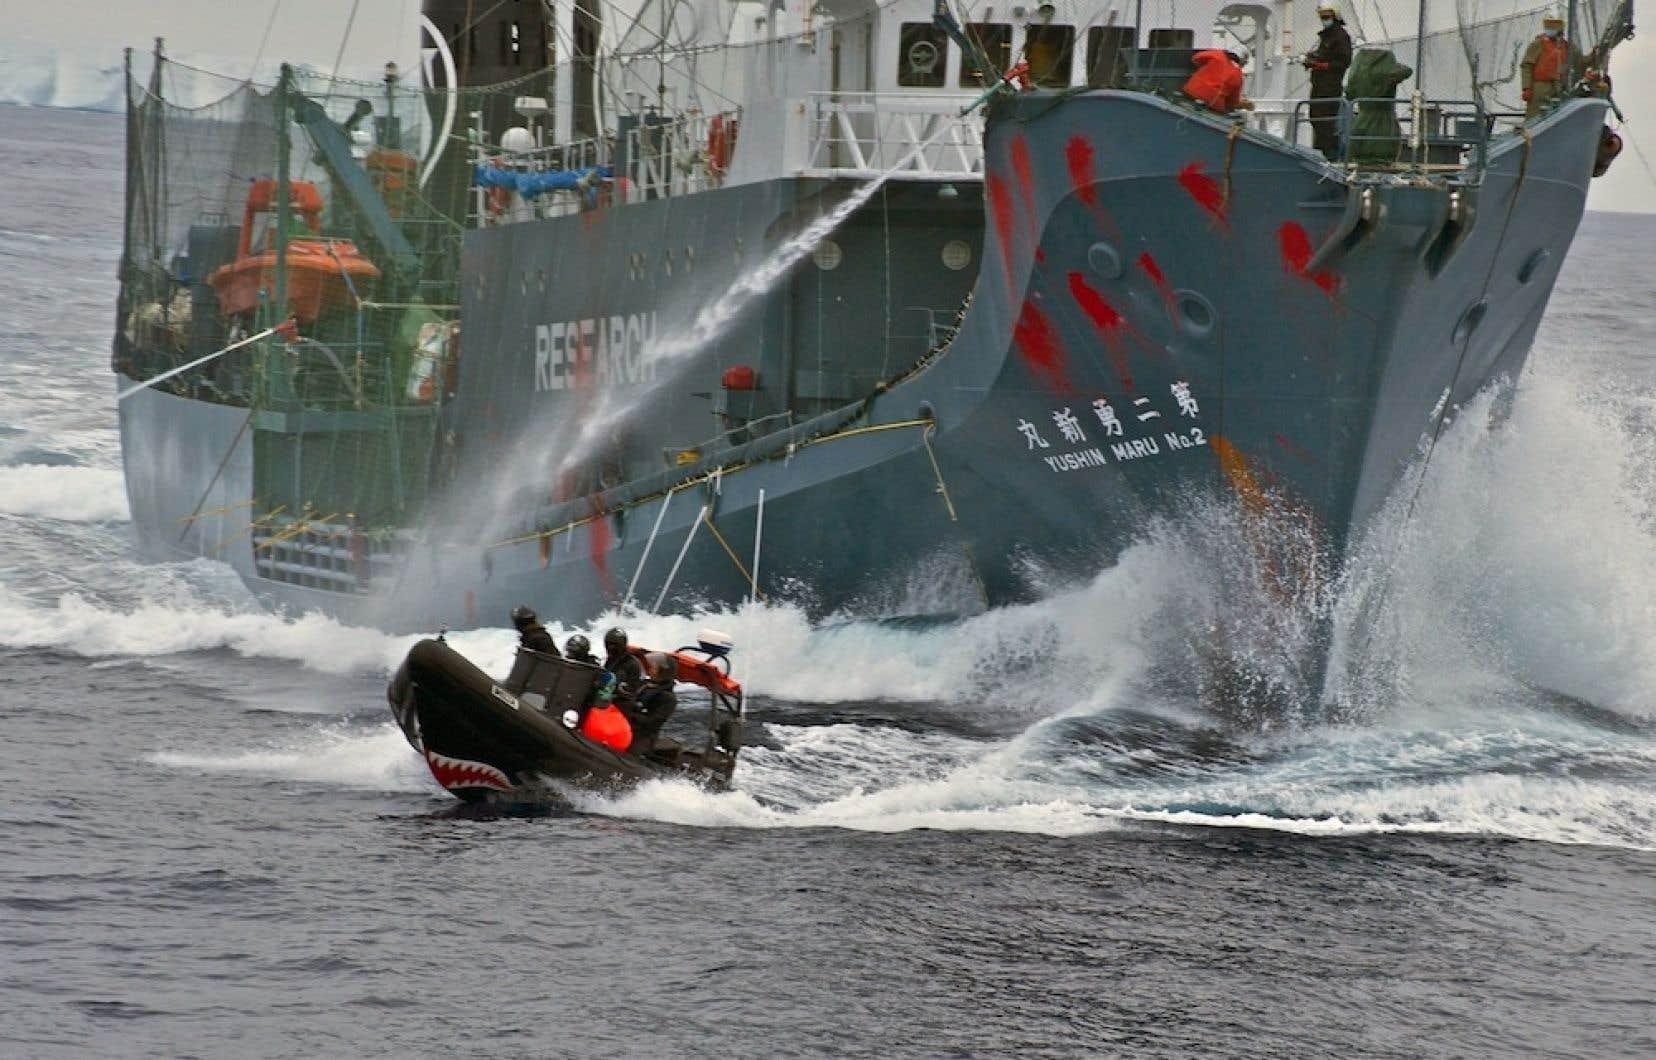 Les chasseurs japonais sont régulièrement harcelés par l'organisation animaliste Sea Shepherd, qui pourchasse littéralement les navires japonais pour les empêcher de mettre à mort des cétacés.